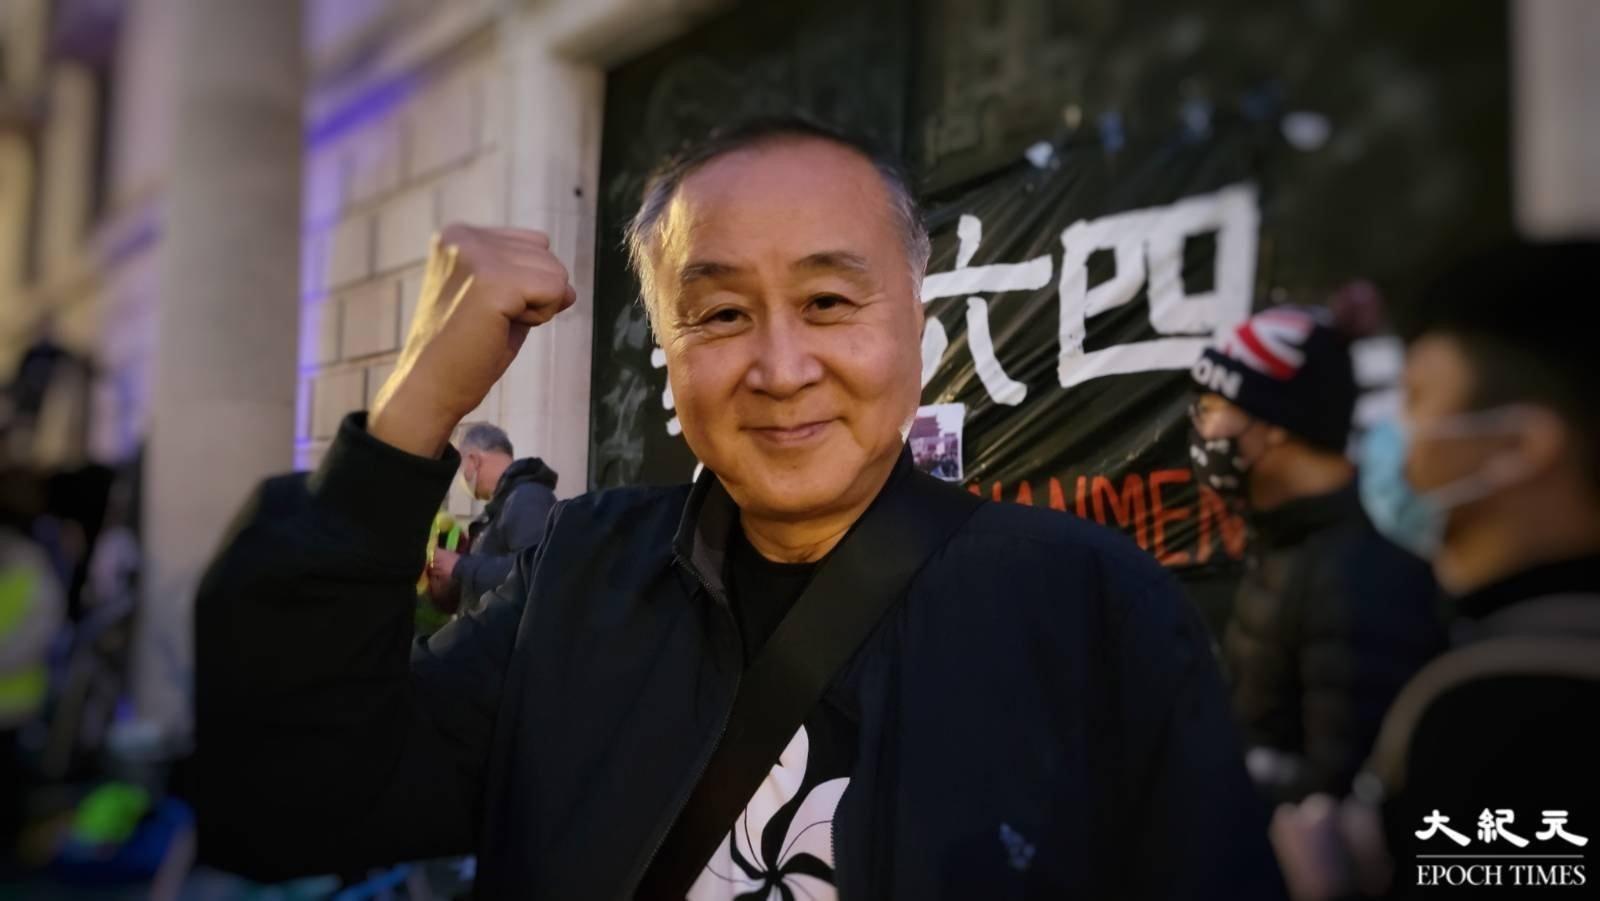 香港實業家、時事評論員袁弓夷到場出席集會。(文苳晴/大紀元)